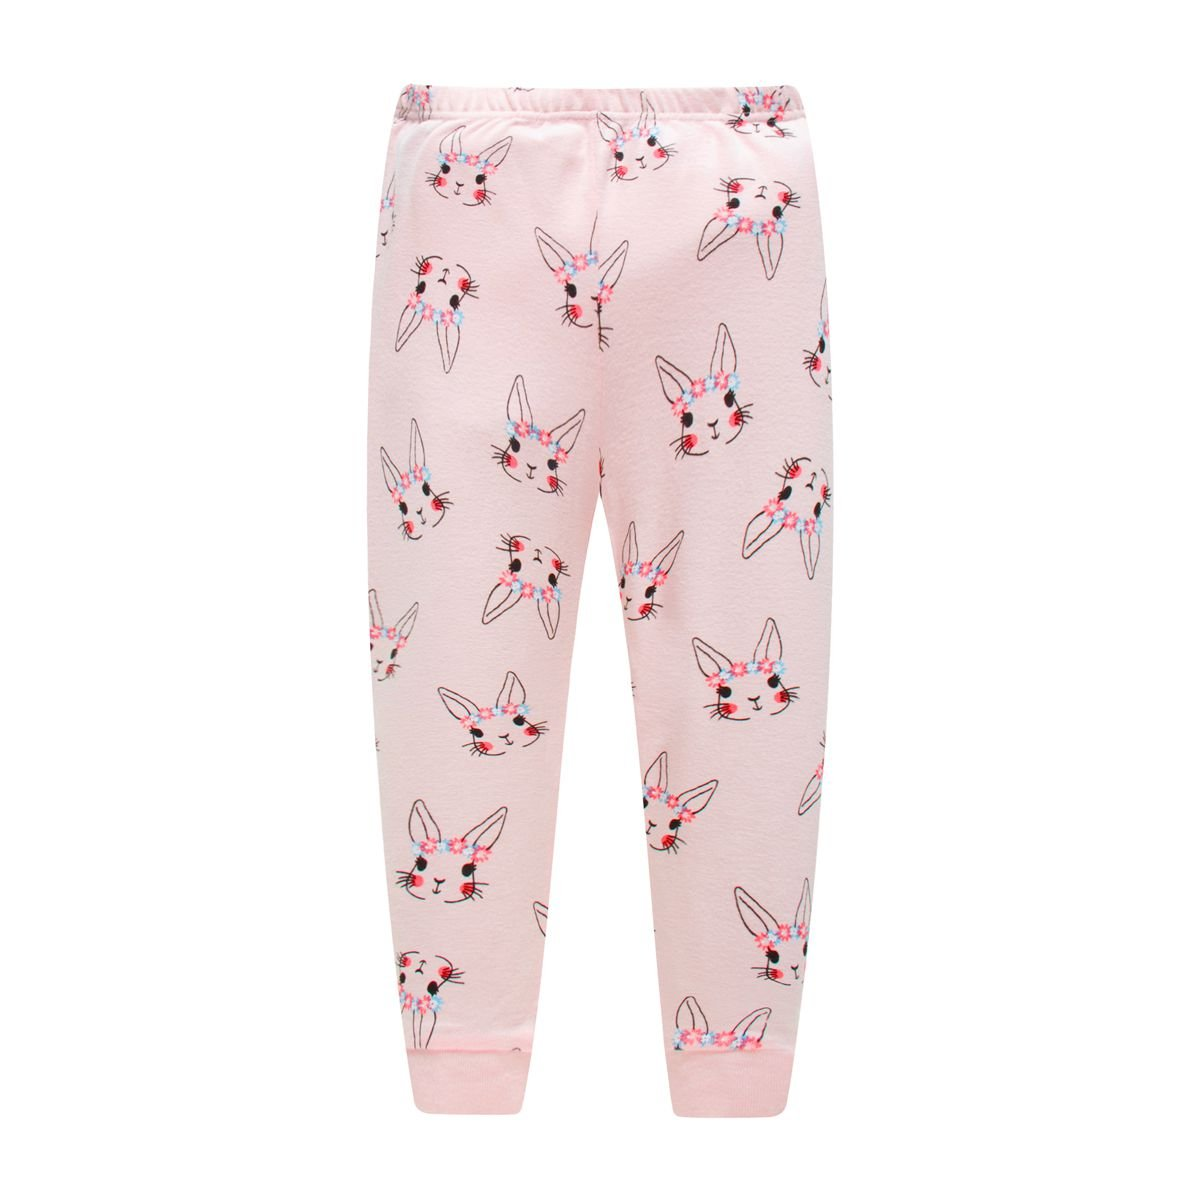 Girls Pajamas Easy Long Sleeves Toddler Pattern Rabbit Pjs Sleepwear 2 Piece